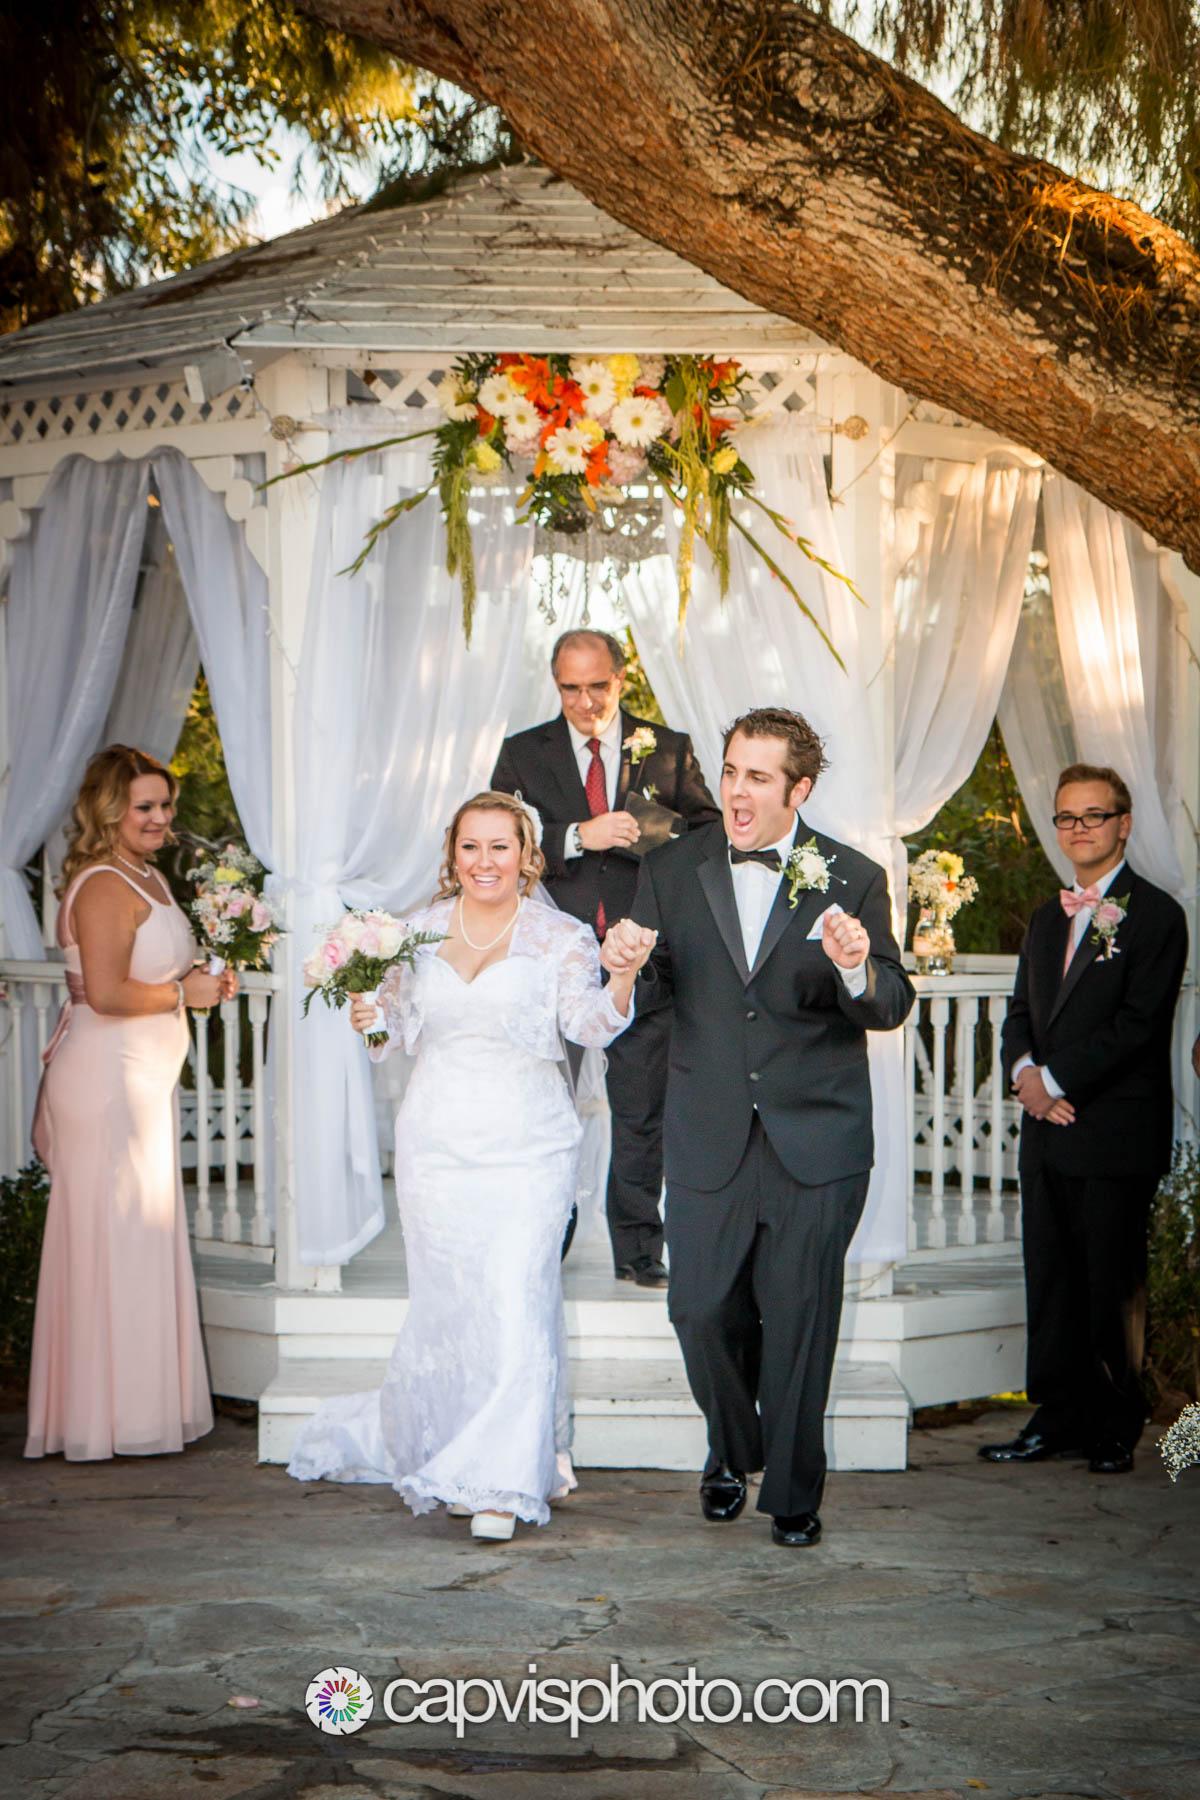 Grangruth Wedding (24 of 52).jpg